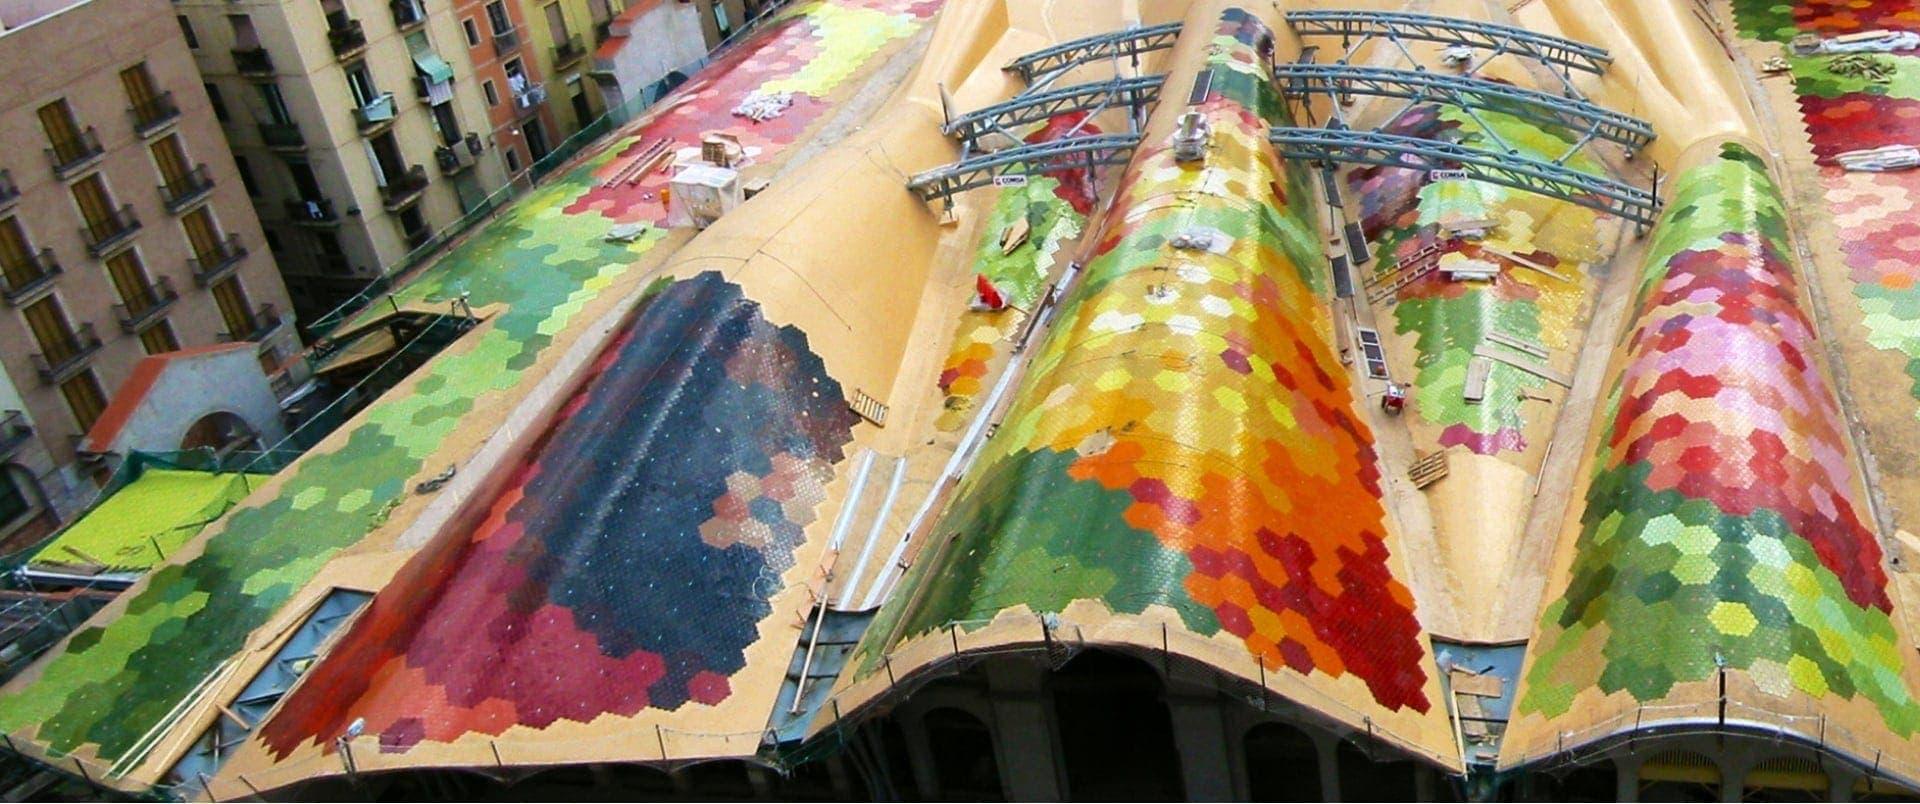 Impermeabilización cubierta mercado Santa Caterina Barcelona sp-no-webp